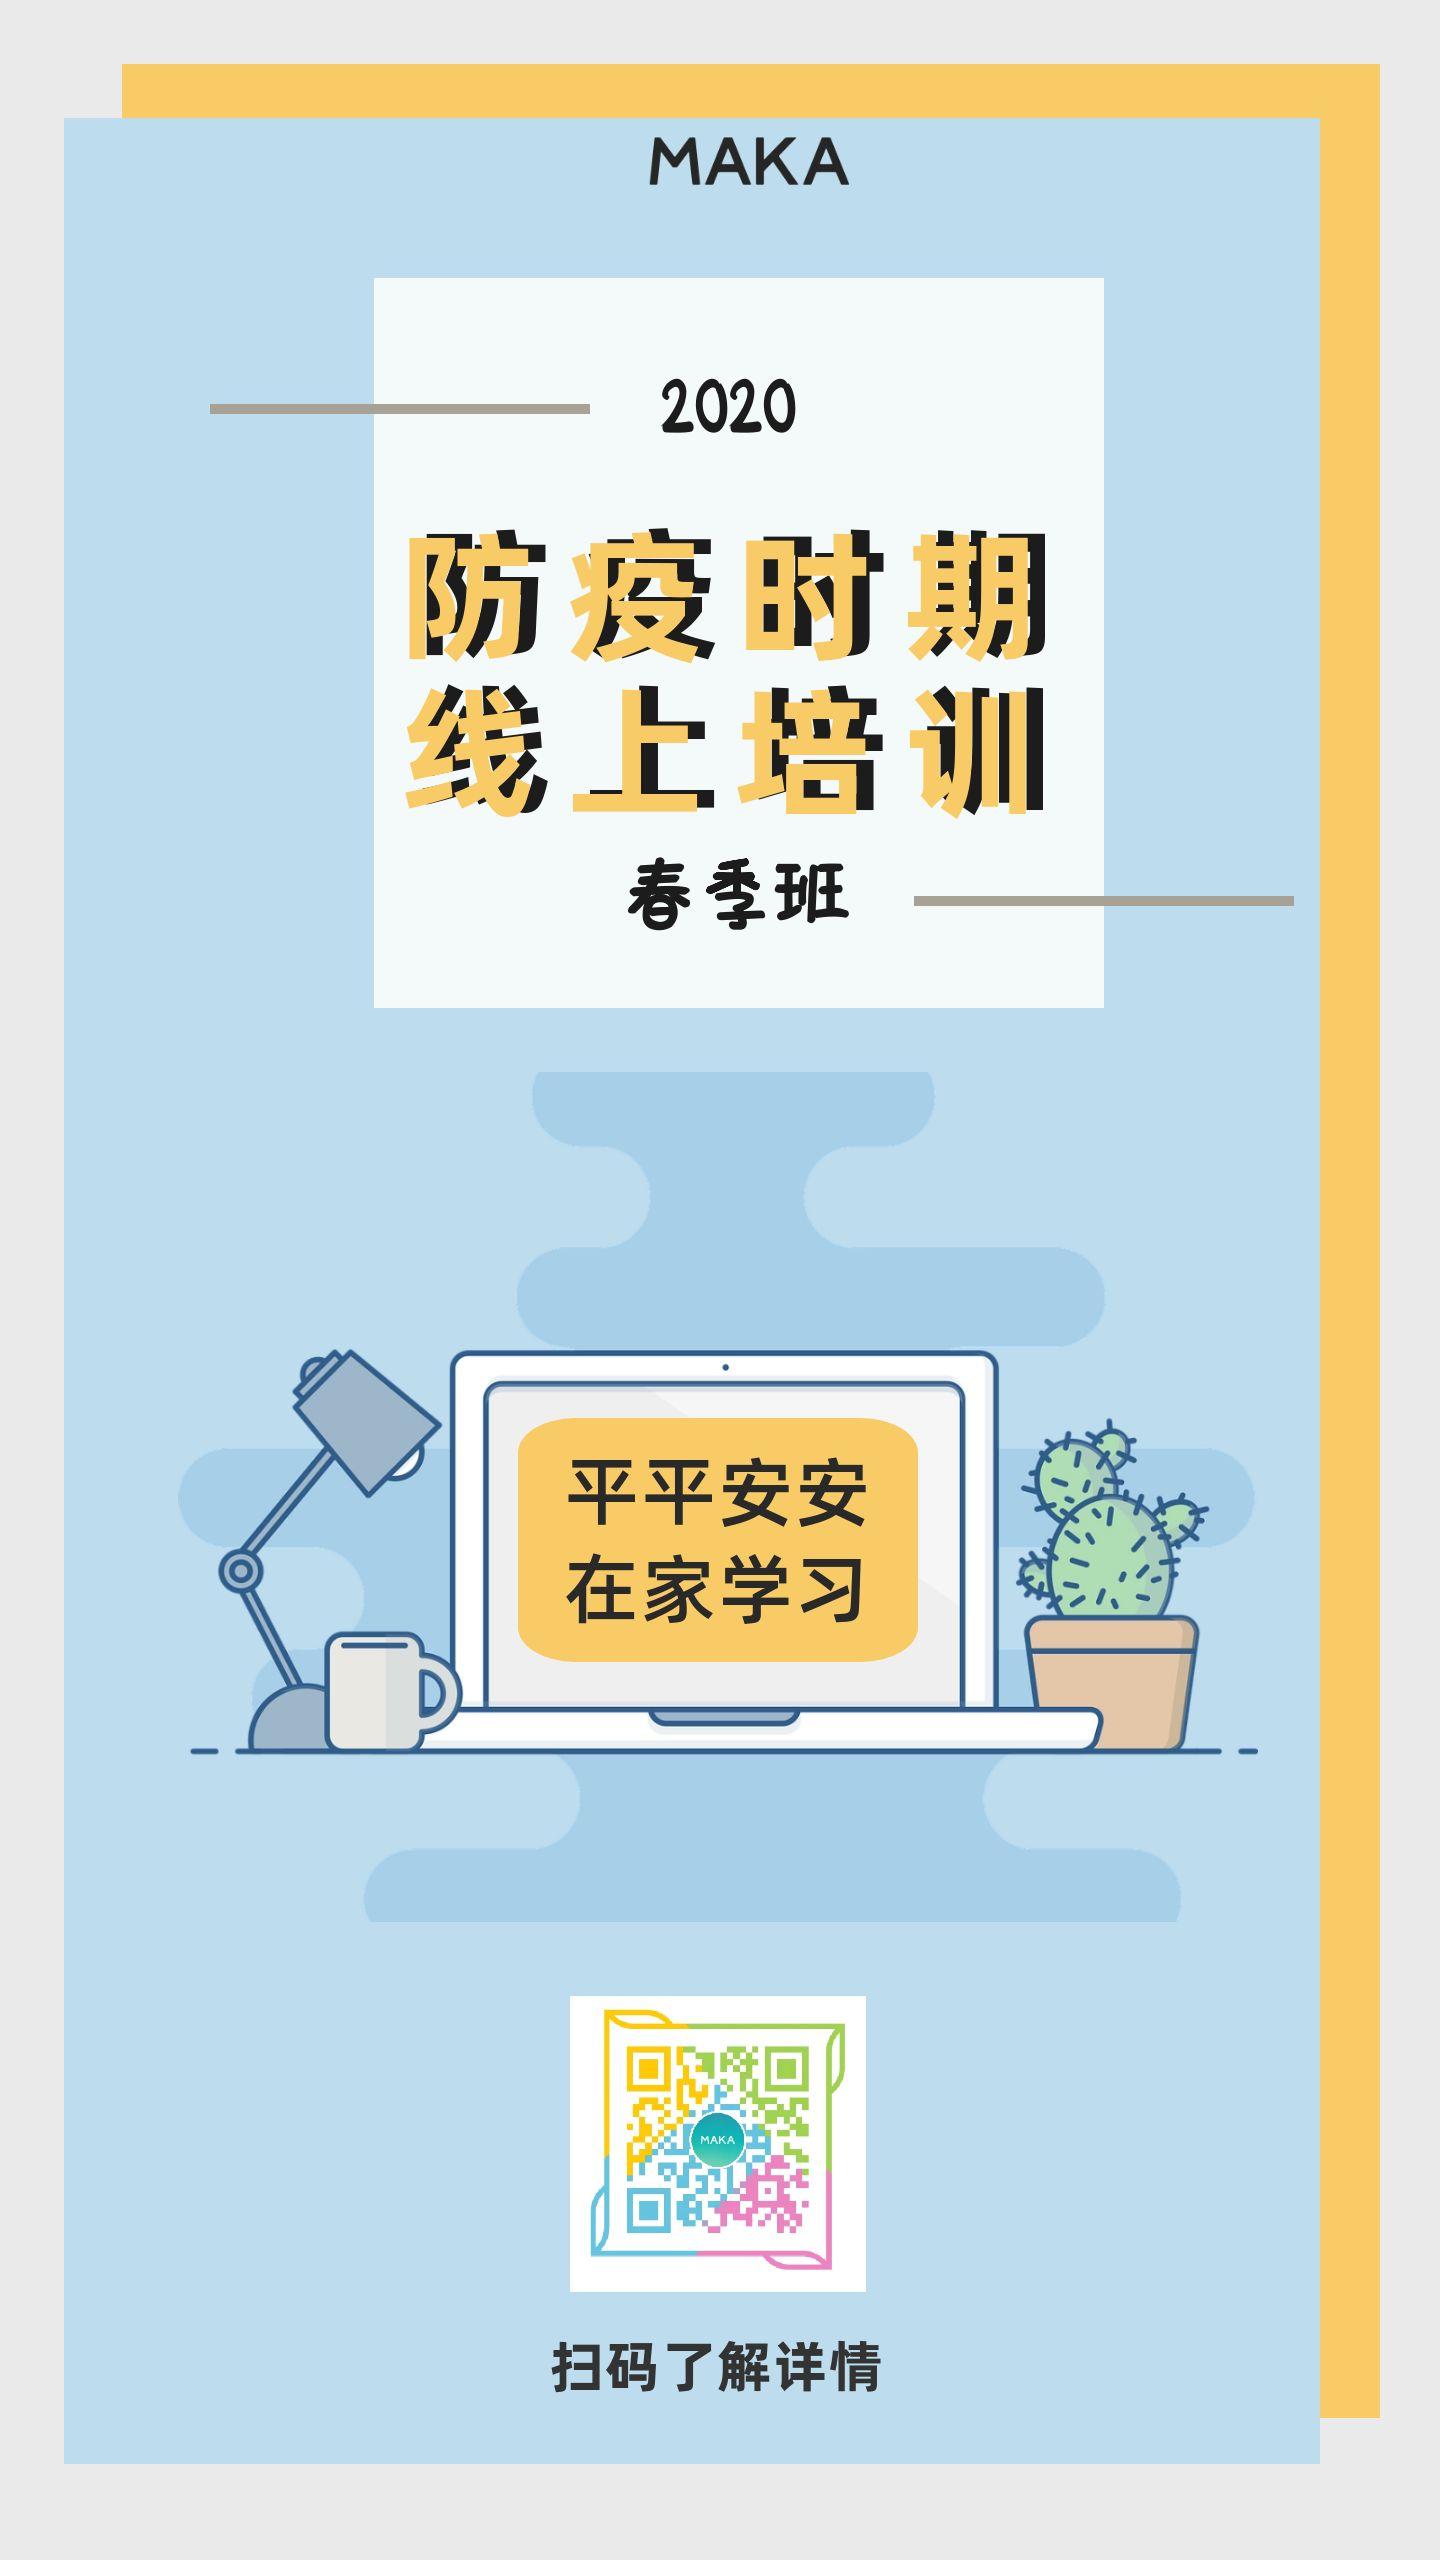 线上教育培训学习班在线教育防疫时期扁平简约宣传海报